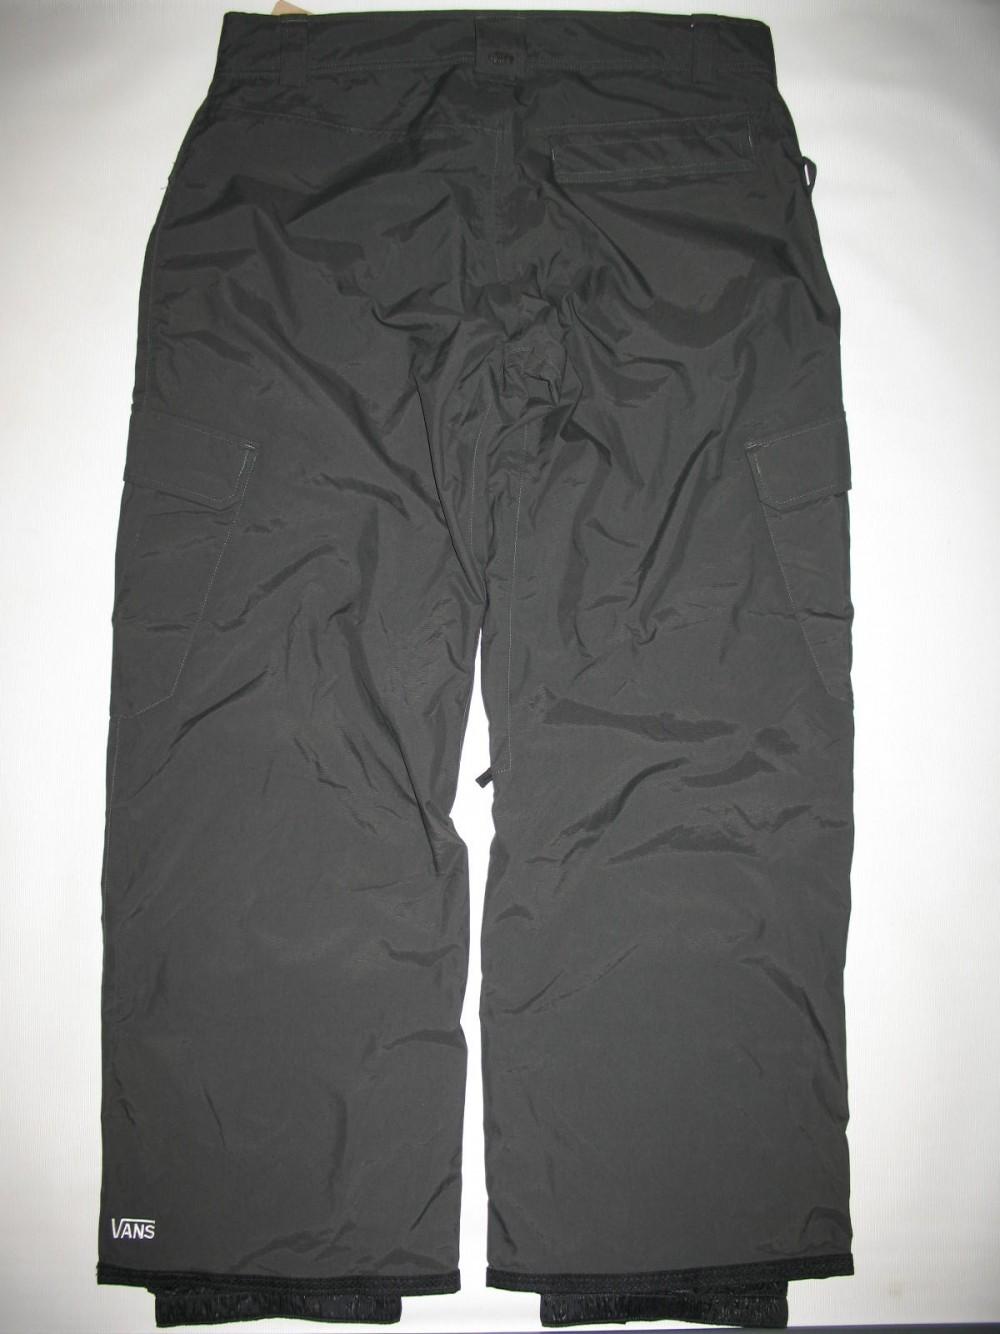 Штаны VANS 10/10 snowboard pants (размер XL) - 2